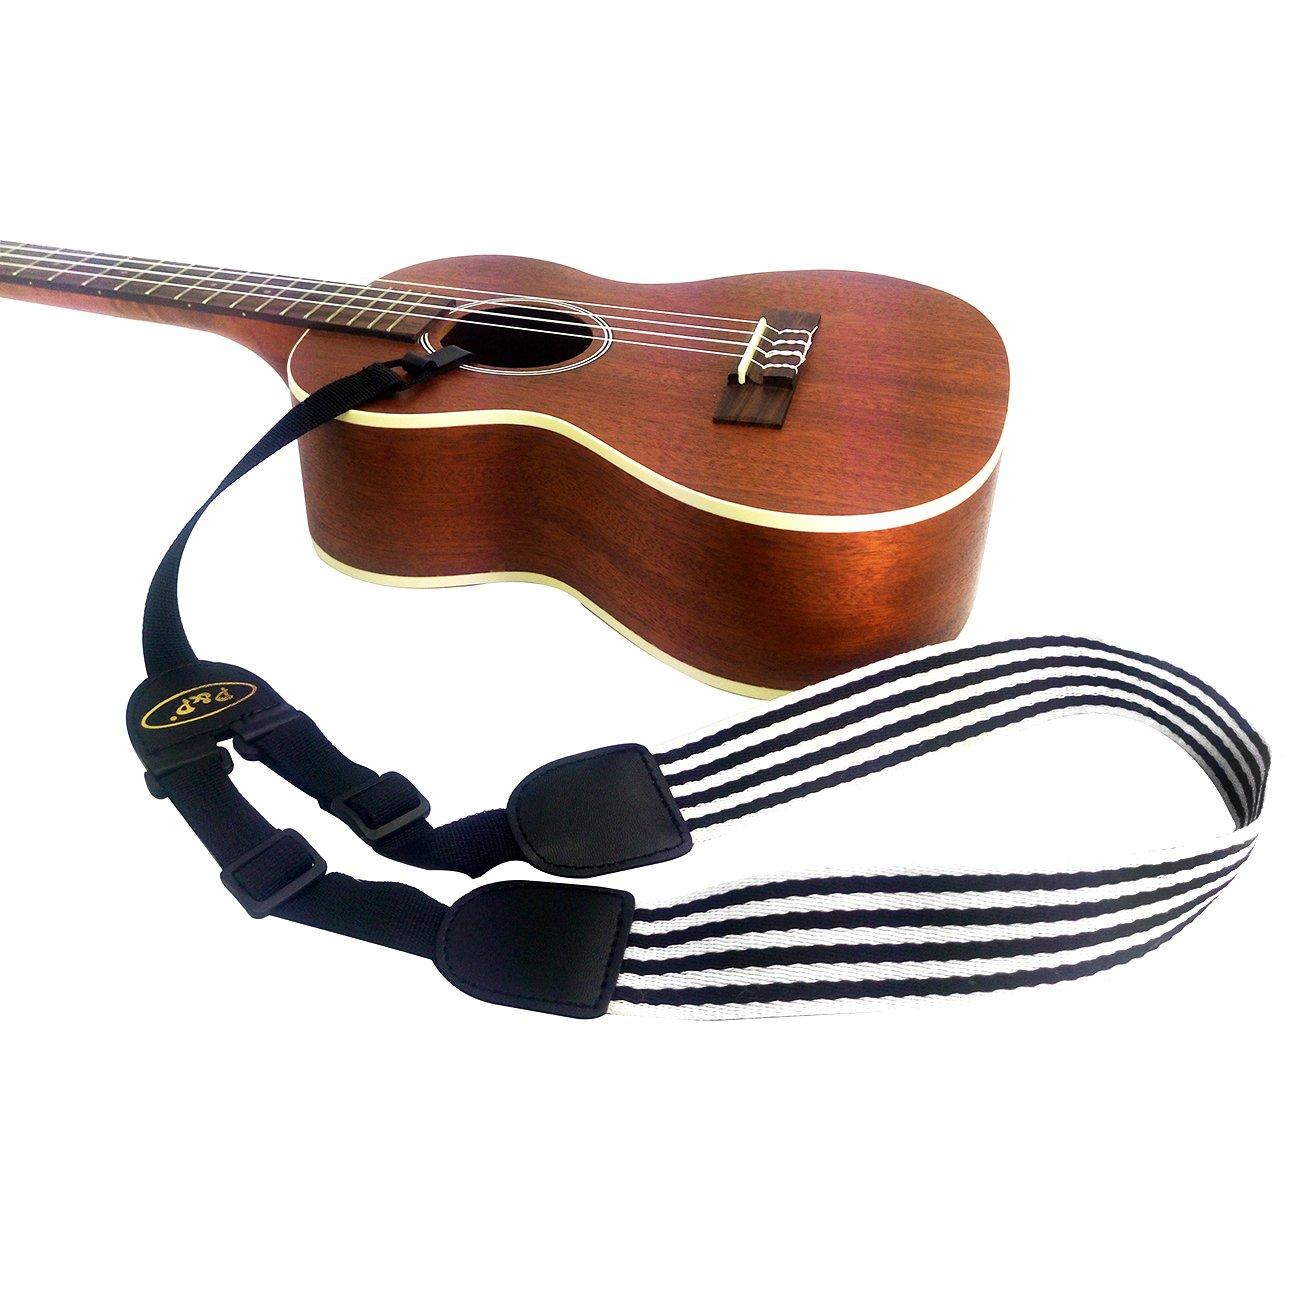 Correa ajustable de ukelele sin cualquier instalación - correa de cuello para ukelele de todo tamaño: Amazon.es: Instrumentos musicales